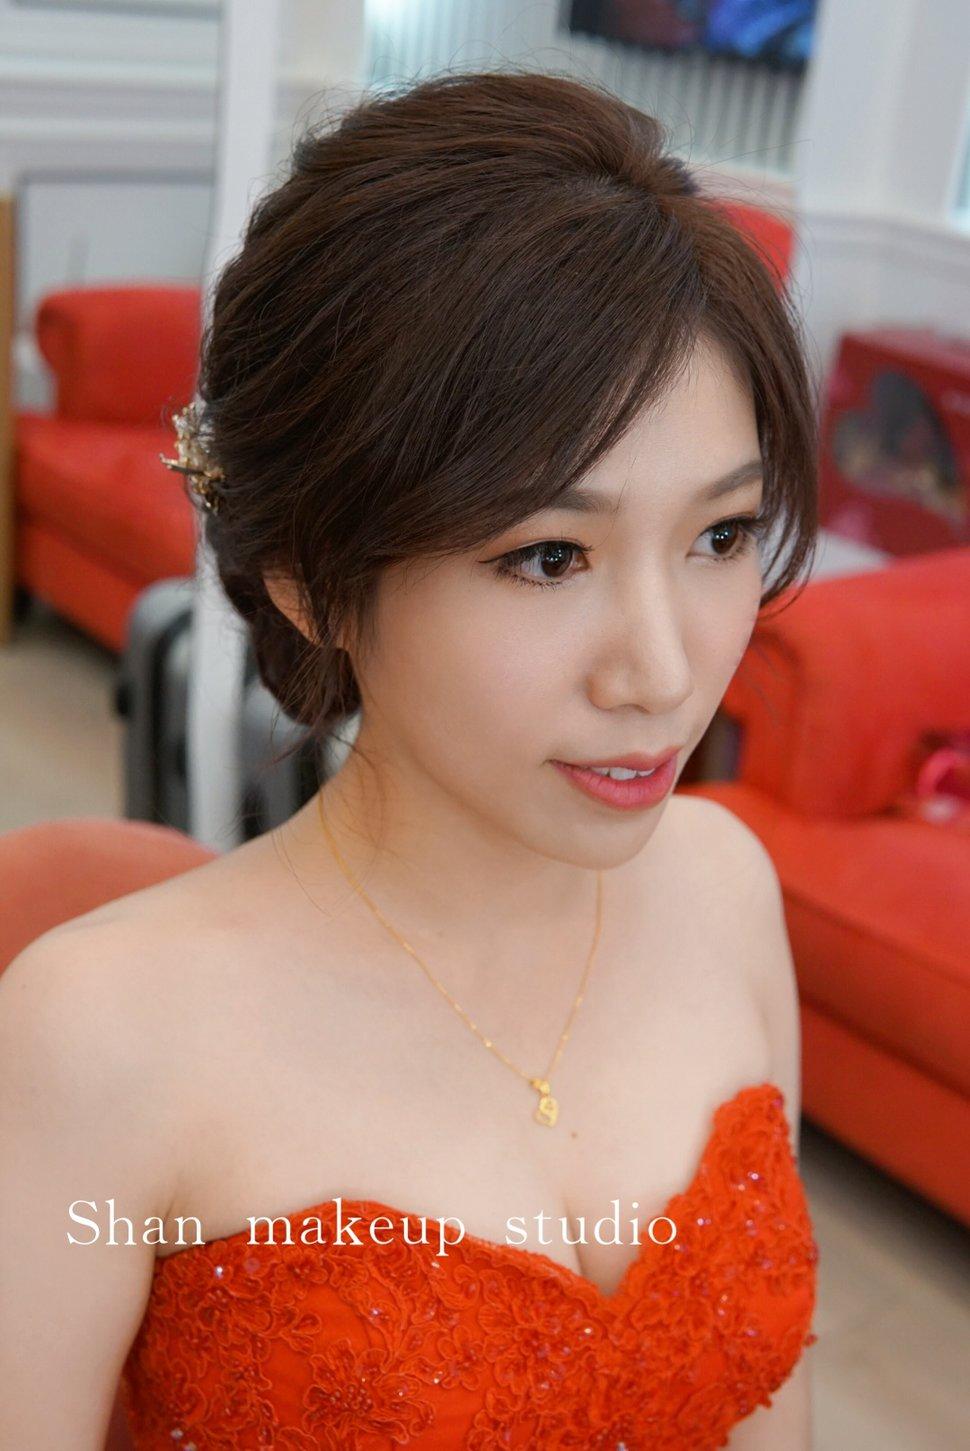 IMG_8246 - 湘翎Shan Makeup studio《結婚吧》